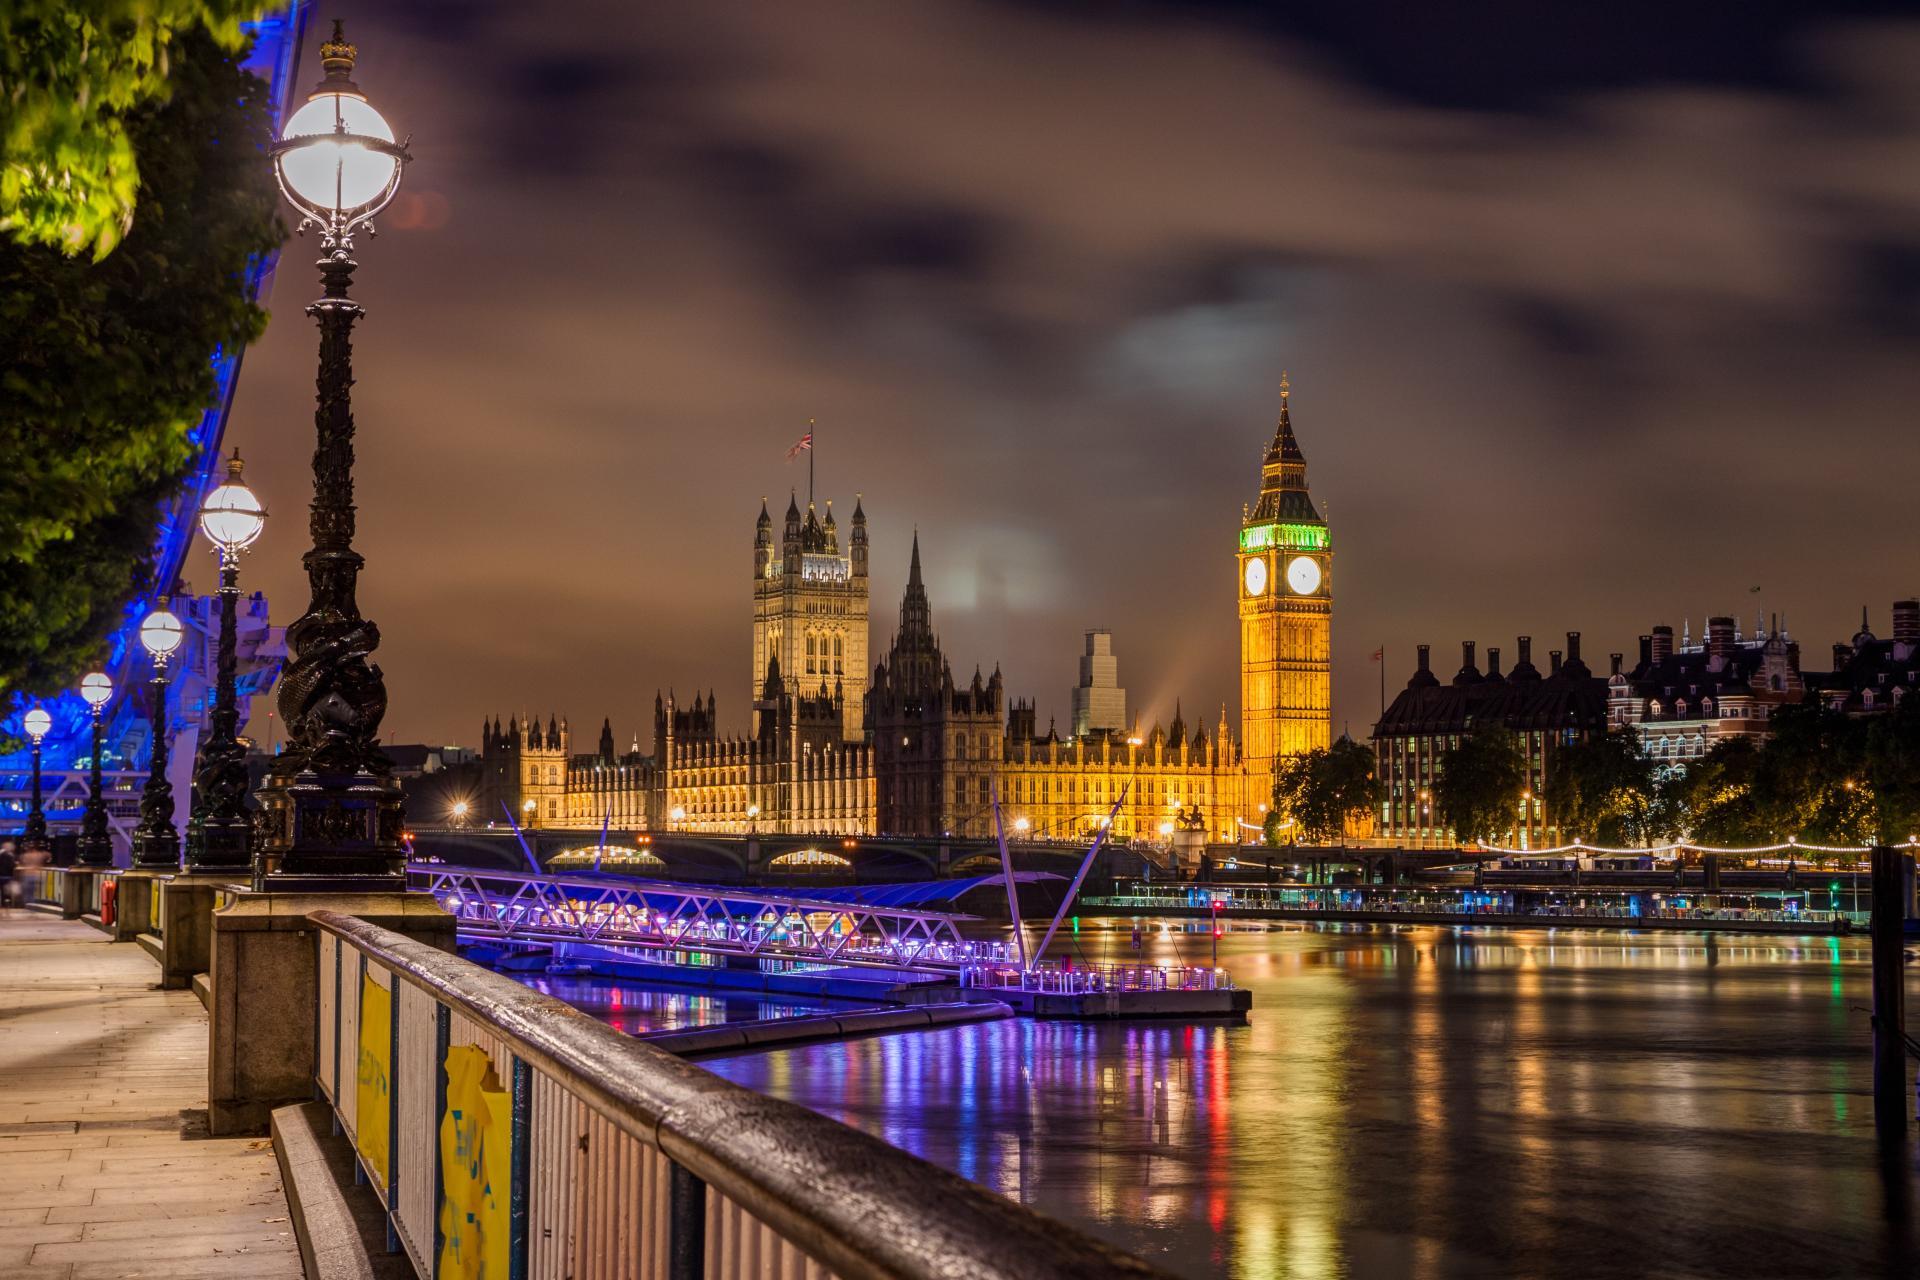 Vista del Big Ben y el parlamento iluminados por la noche